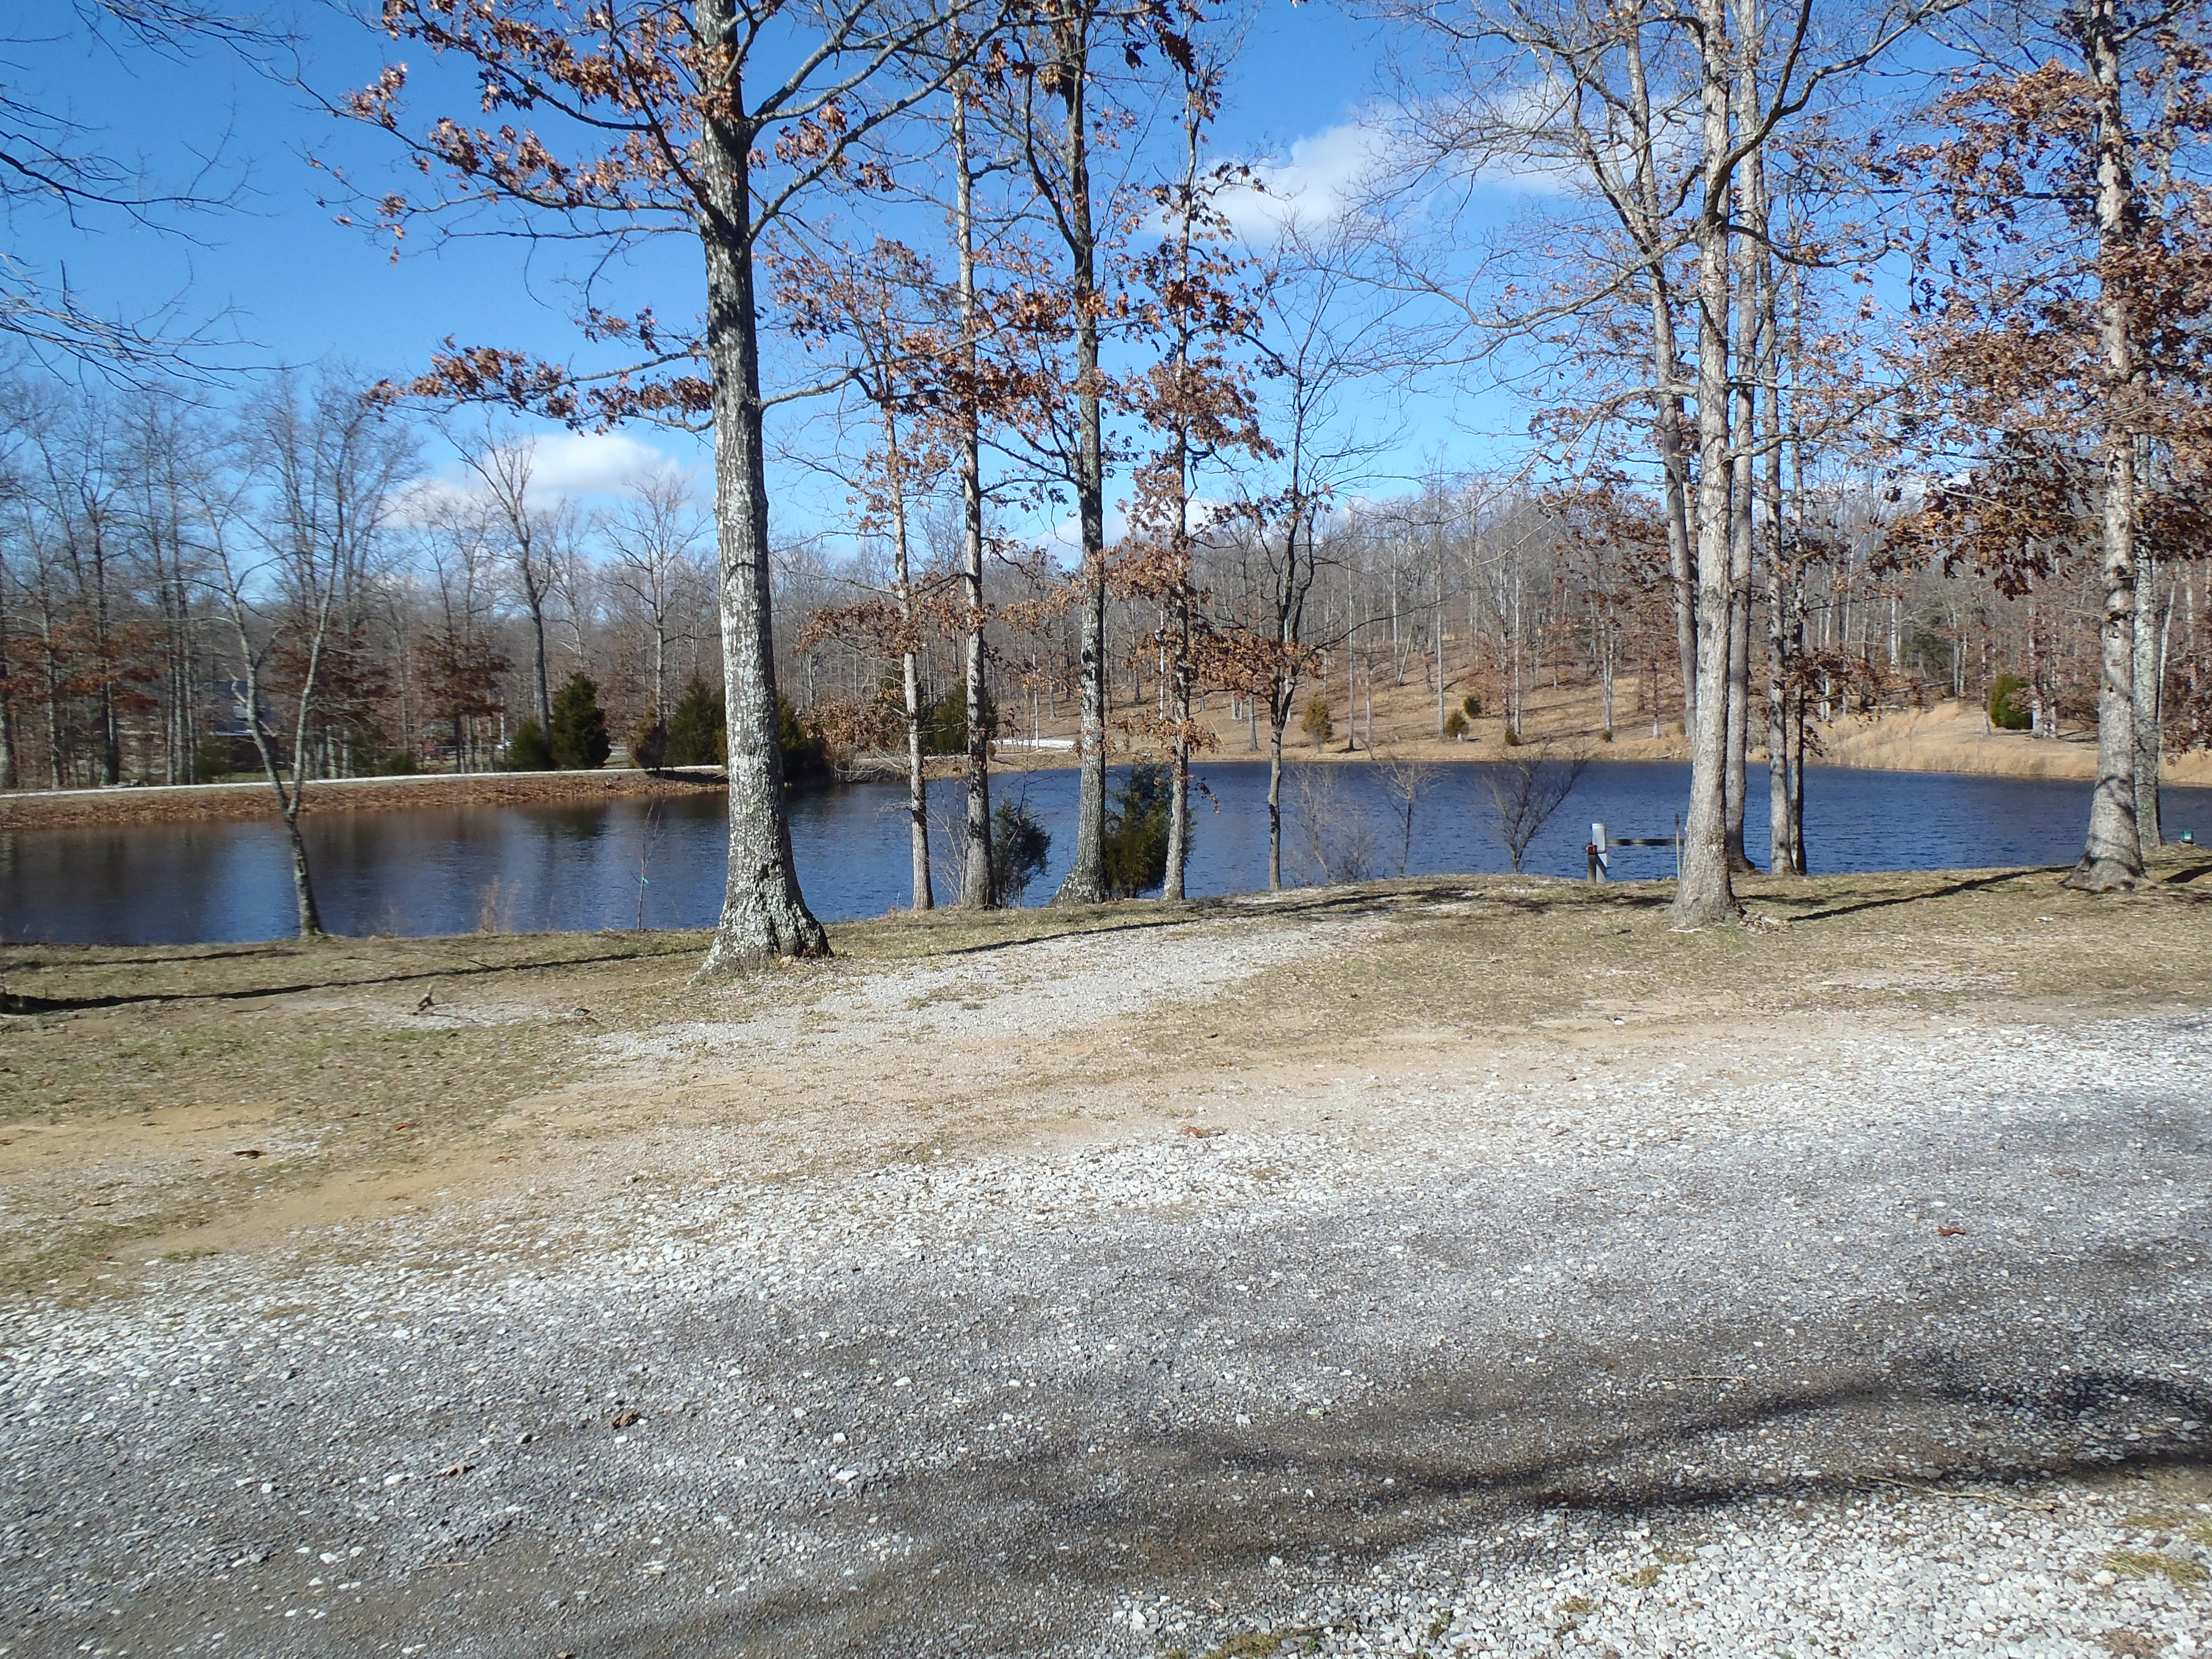 Pond on a sunny day